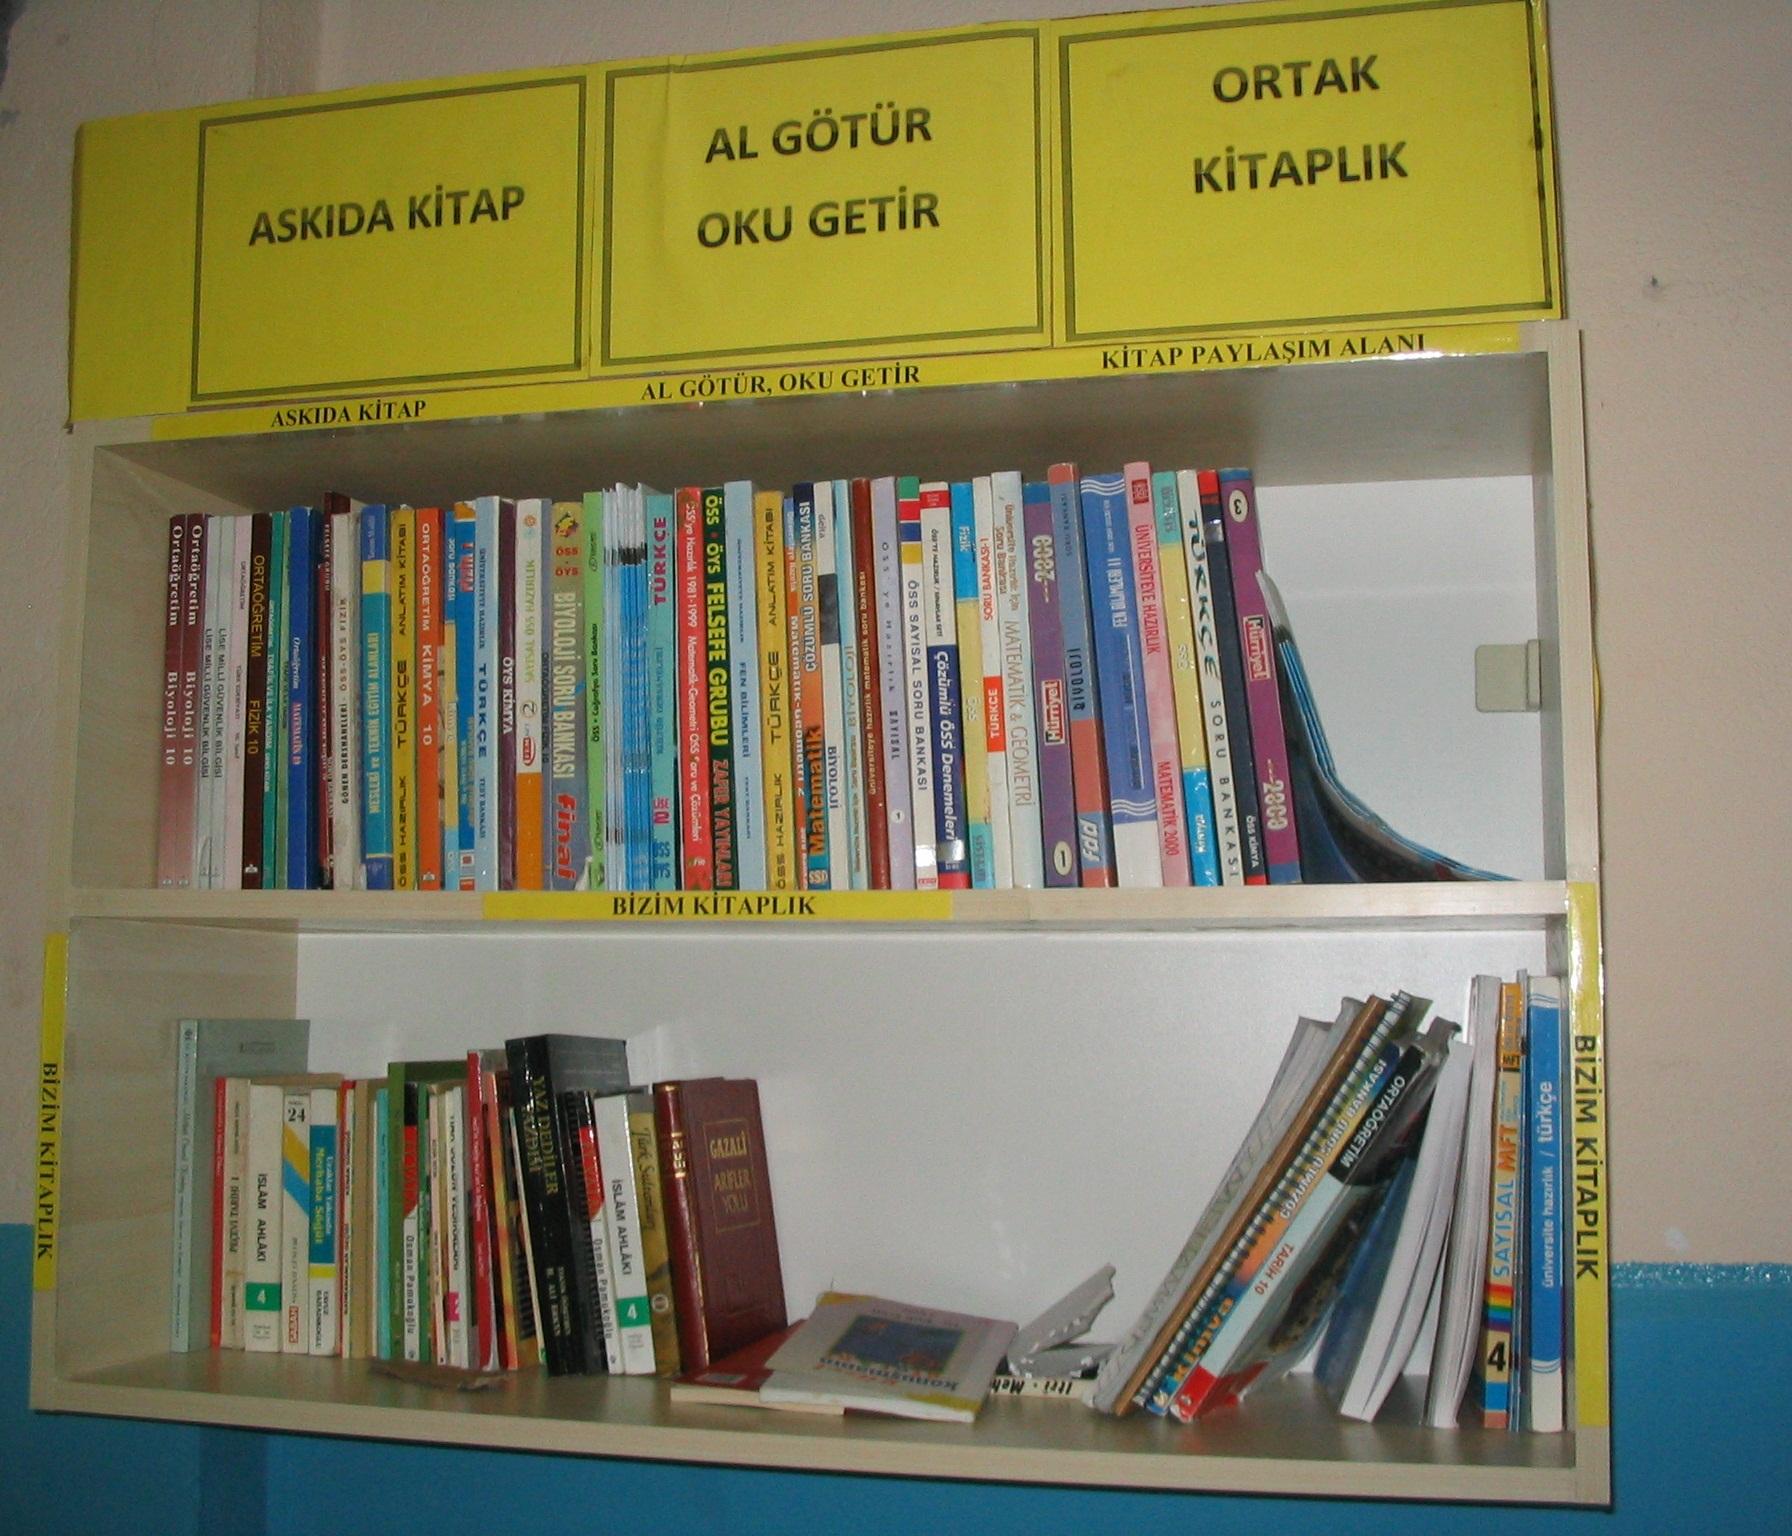 askıda kitap, projesi, arif molu, okulda askı, efkan, ortak kitaplık, al götür, oku getir, bizim kitaplık